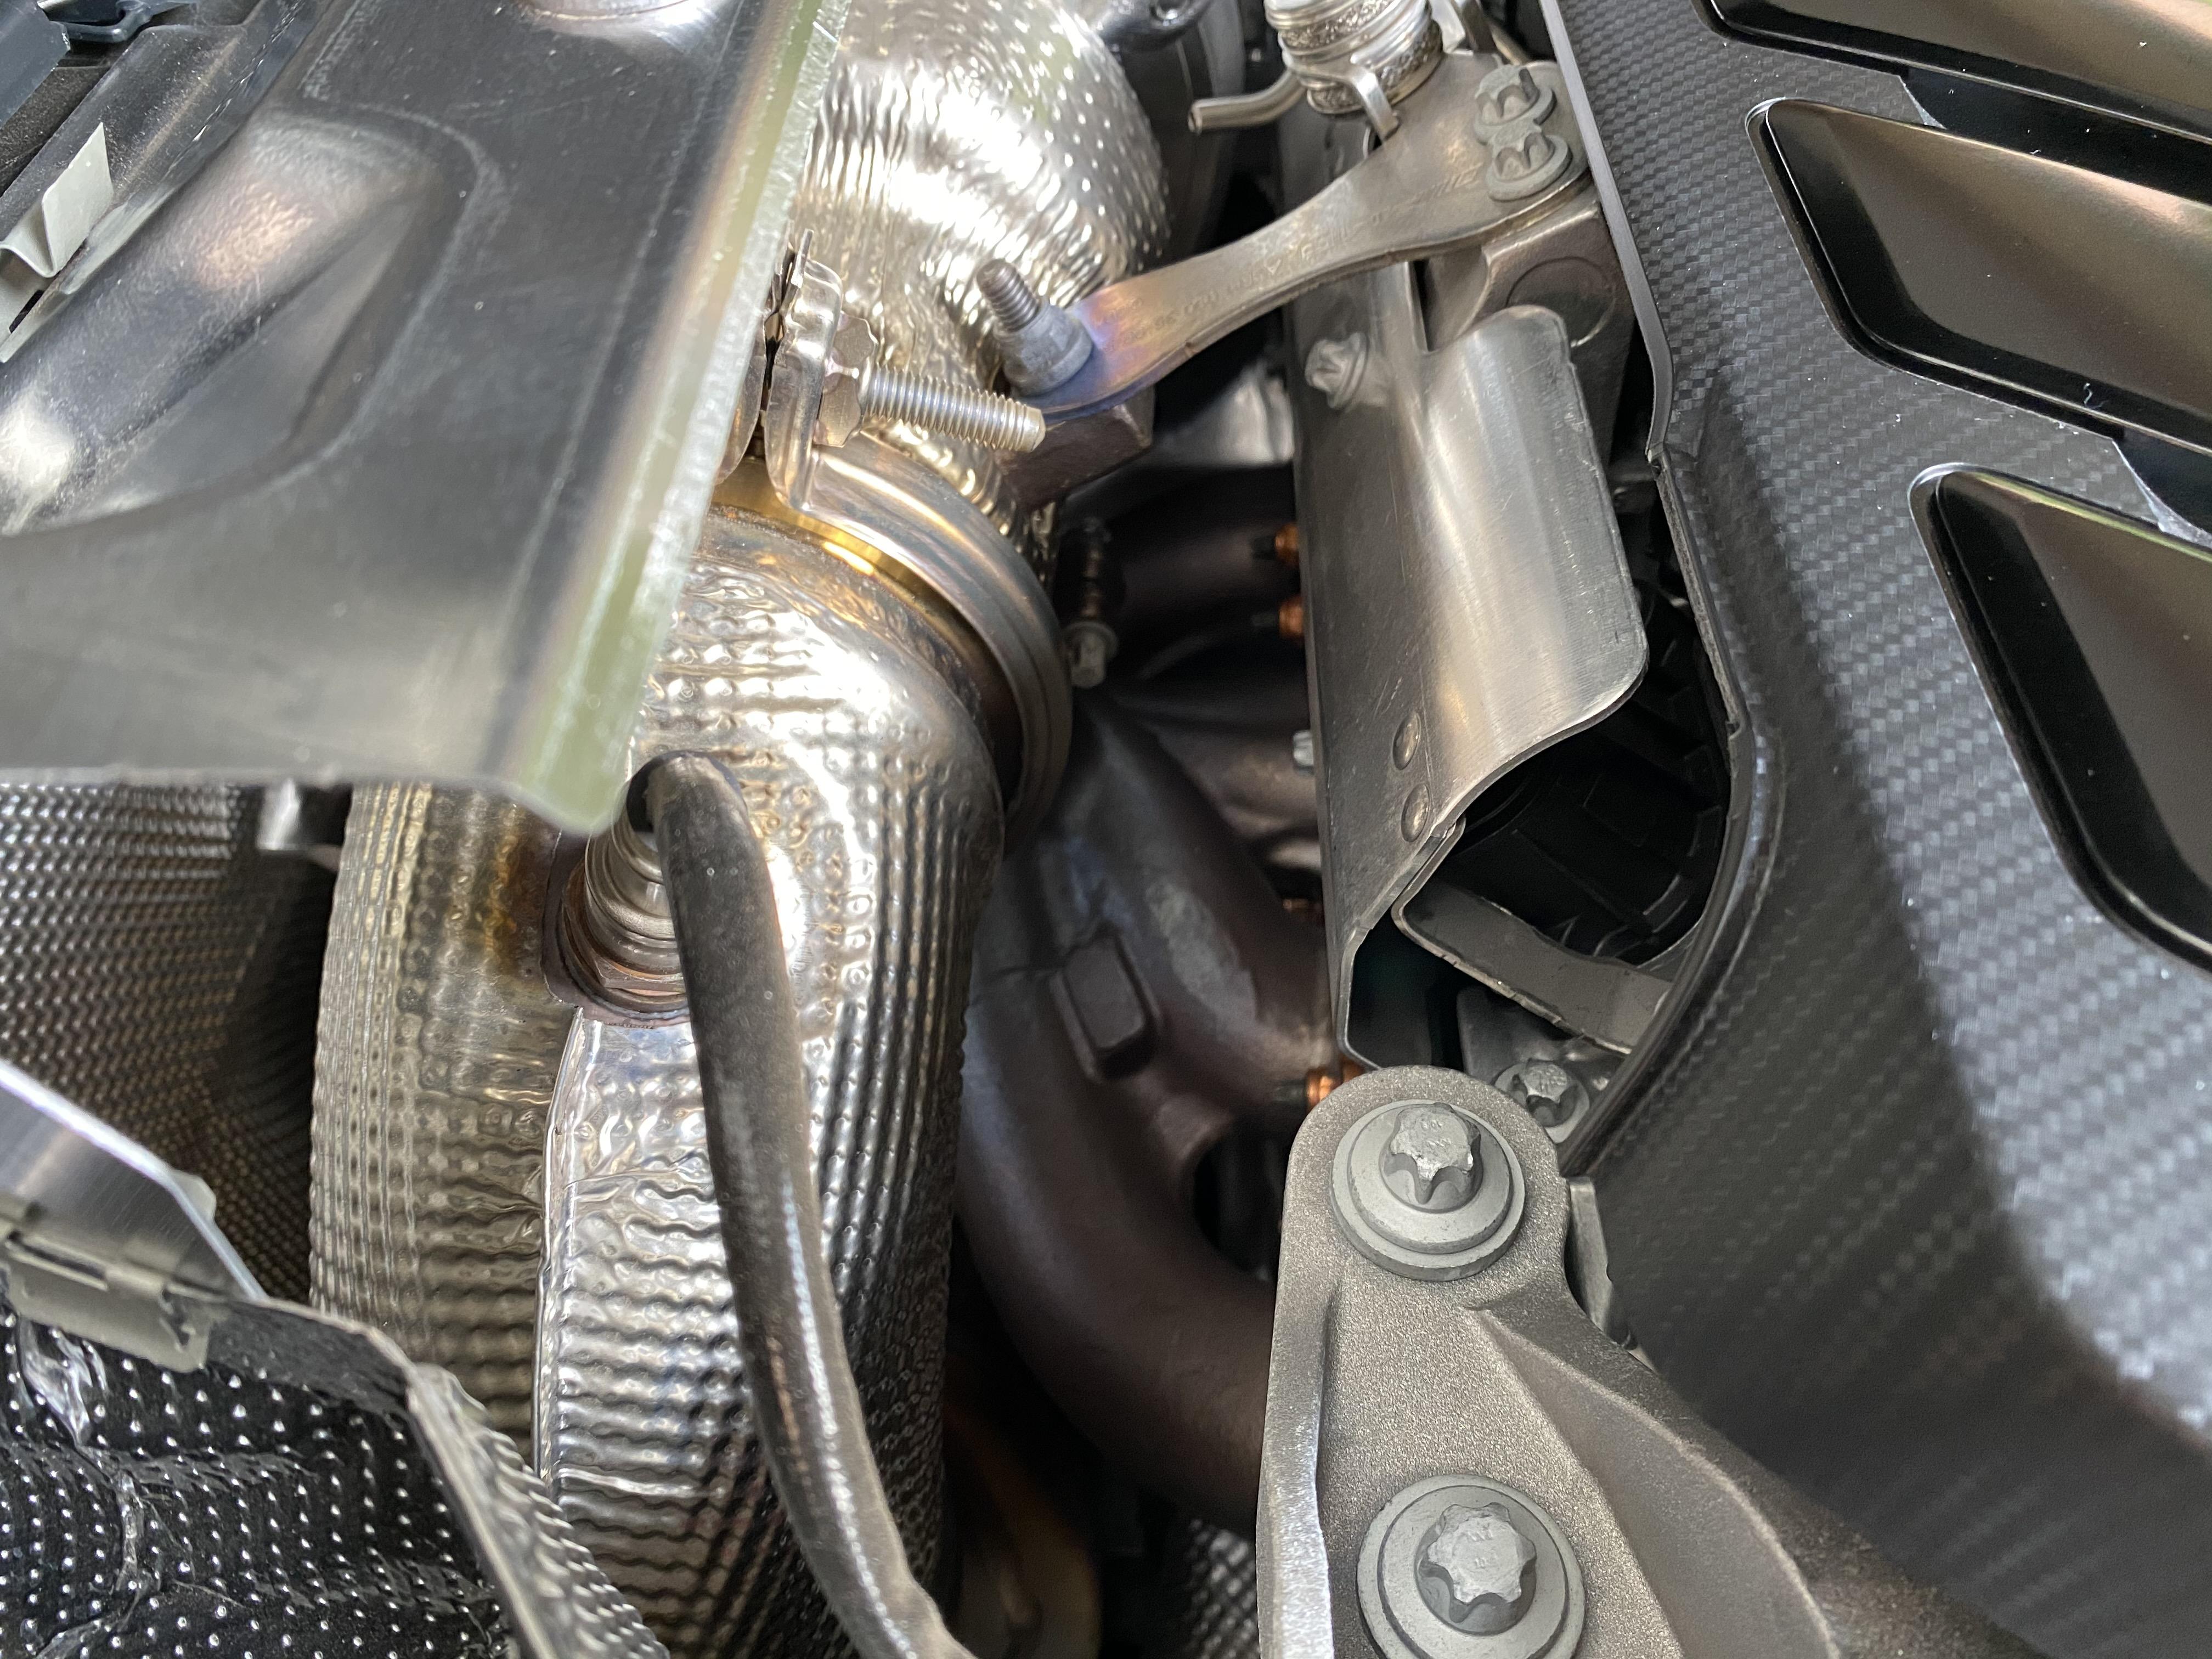 a45s_exhaust_manifold01.jpg